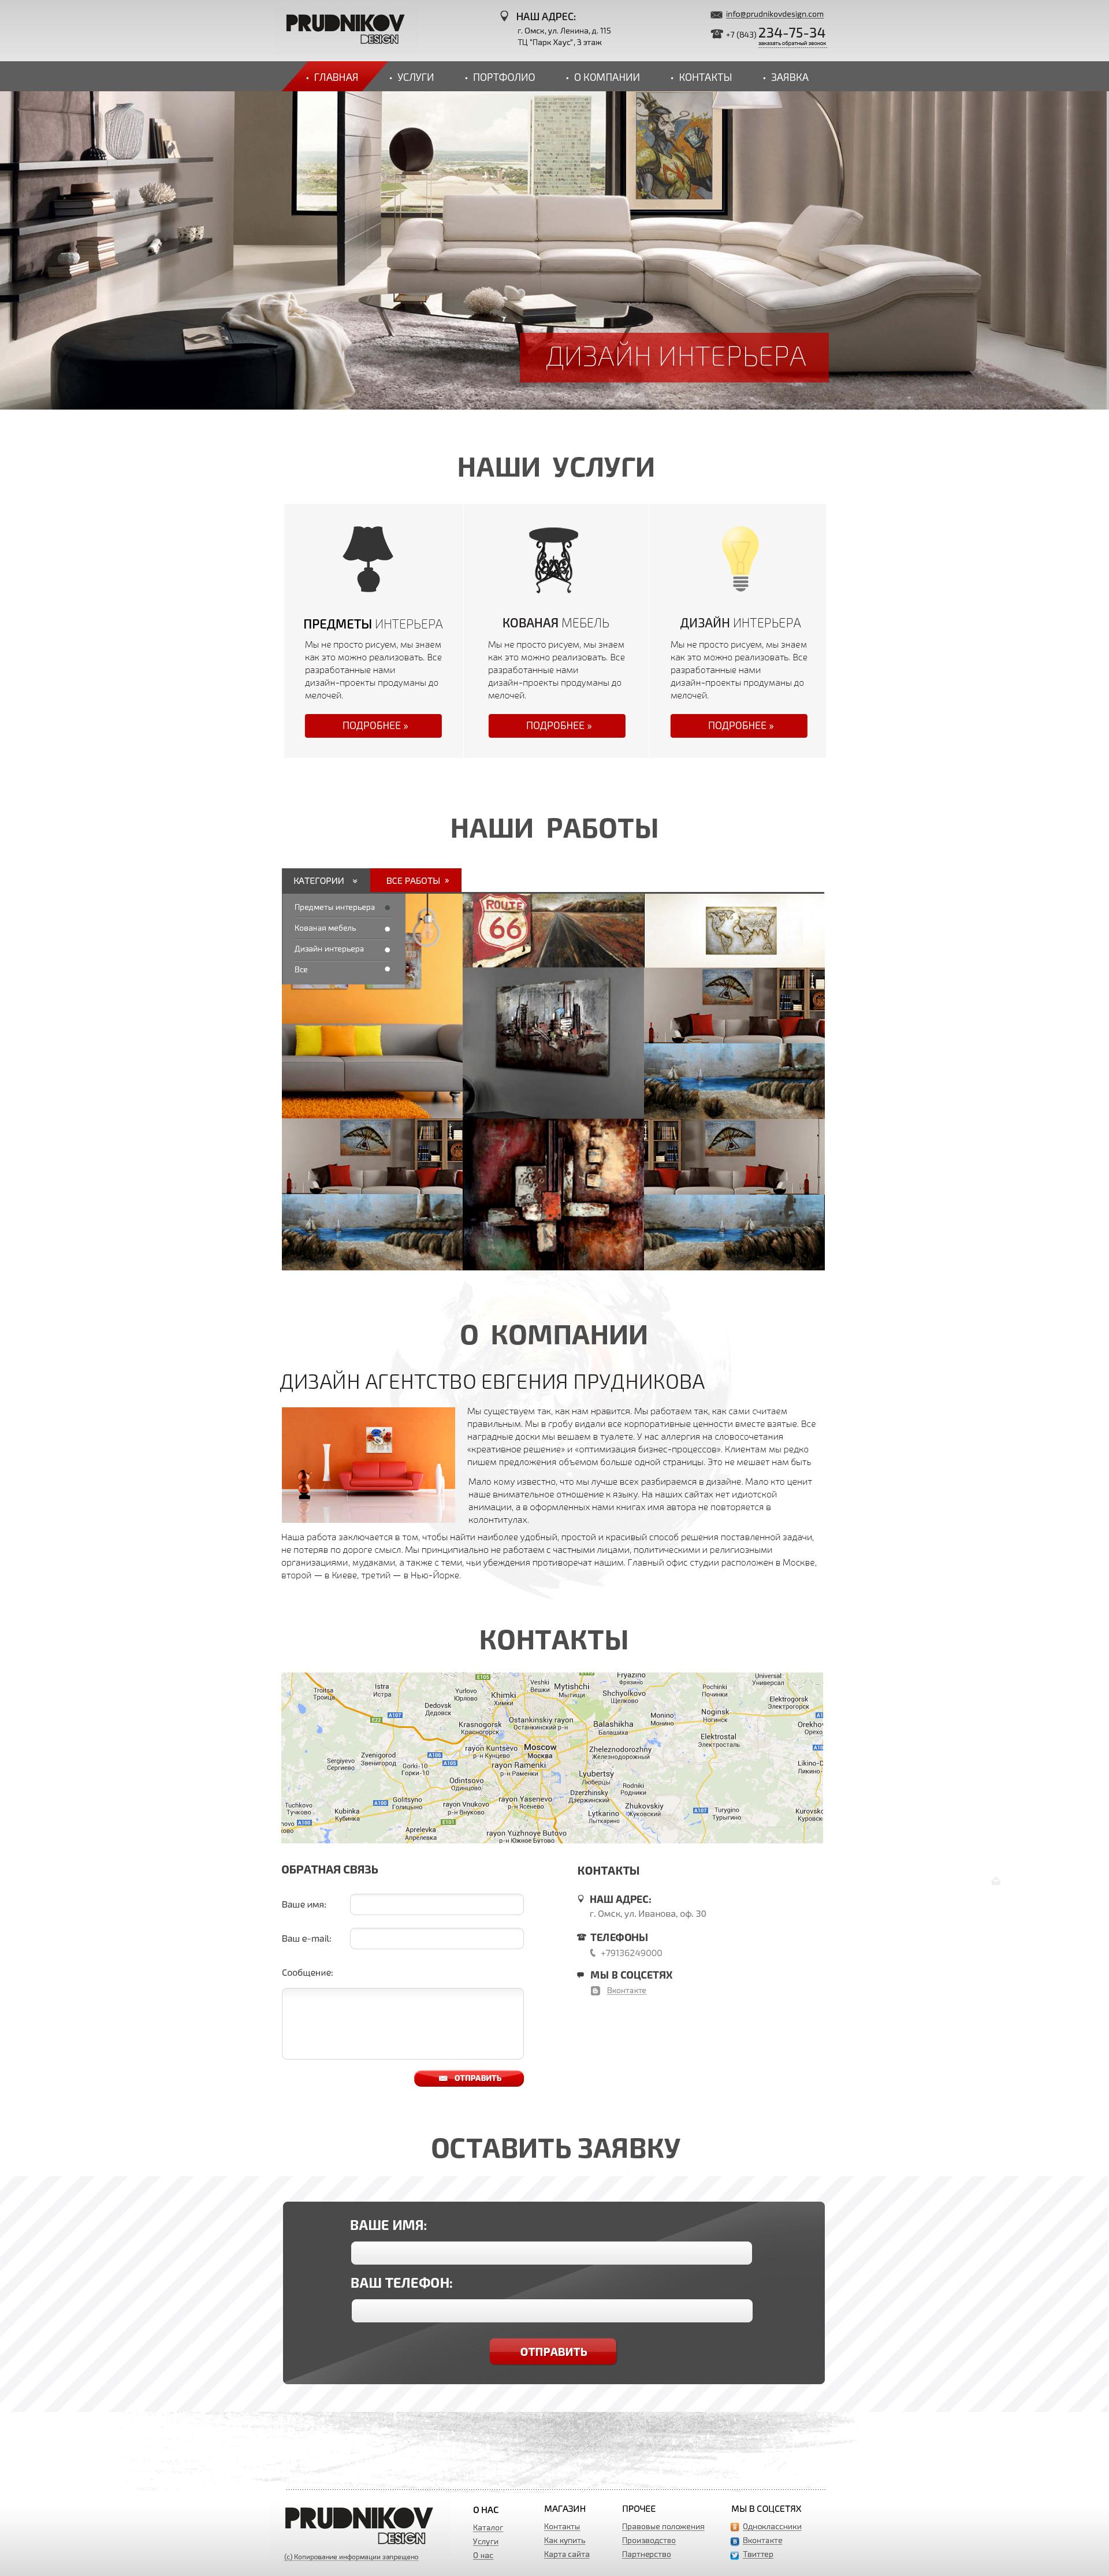 Компании по дизайну интерьера